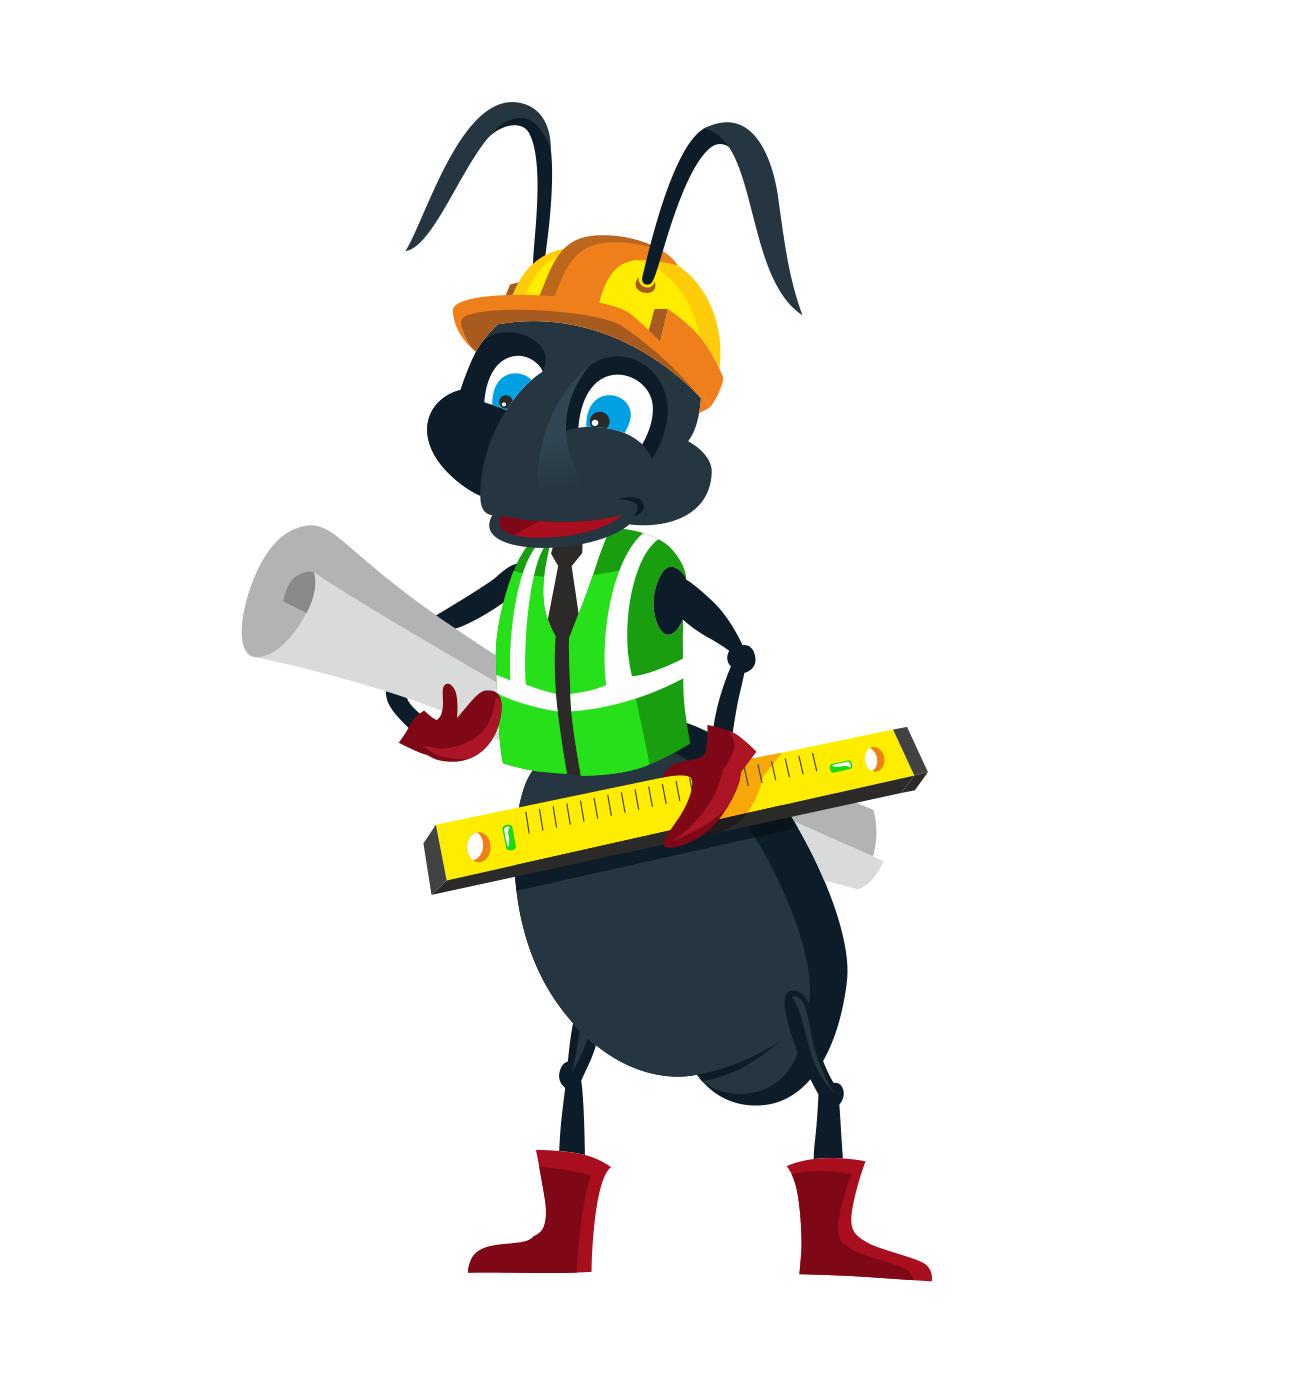 """Необходимо разработать дизайн персонажа """"Муравей"""" для сайта  фото f_956577ff7548387d.png"""